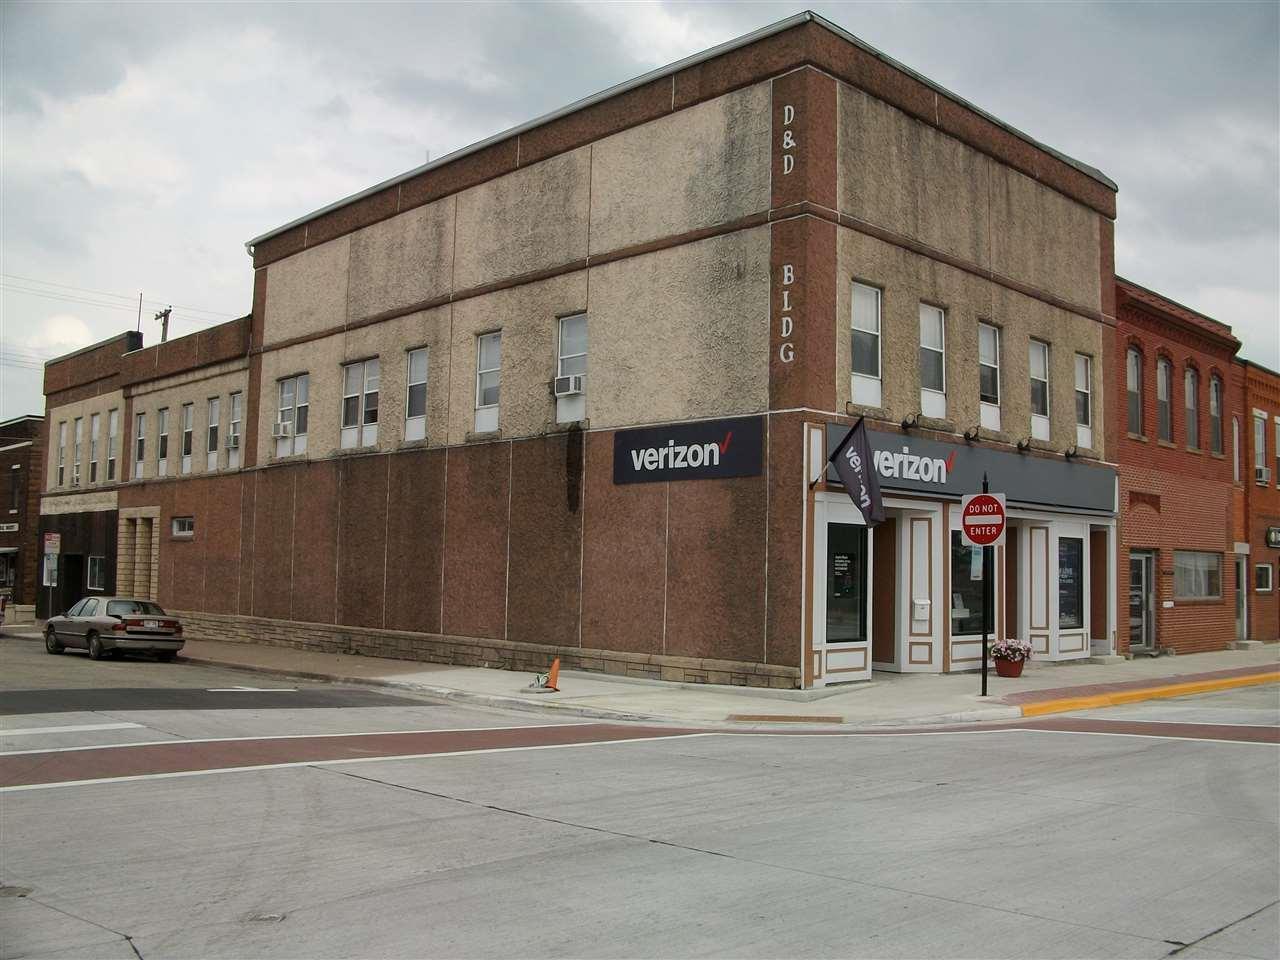 102 Madison St - Photo 1